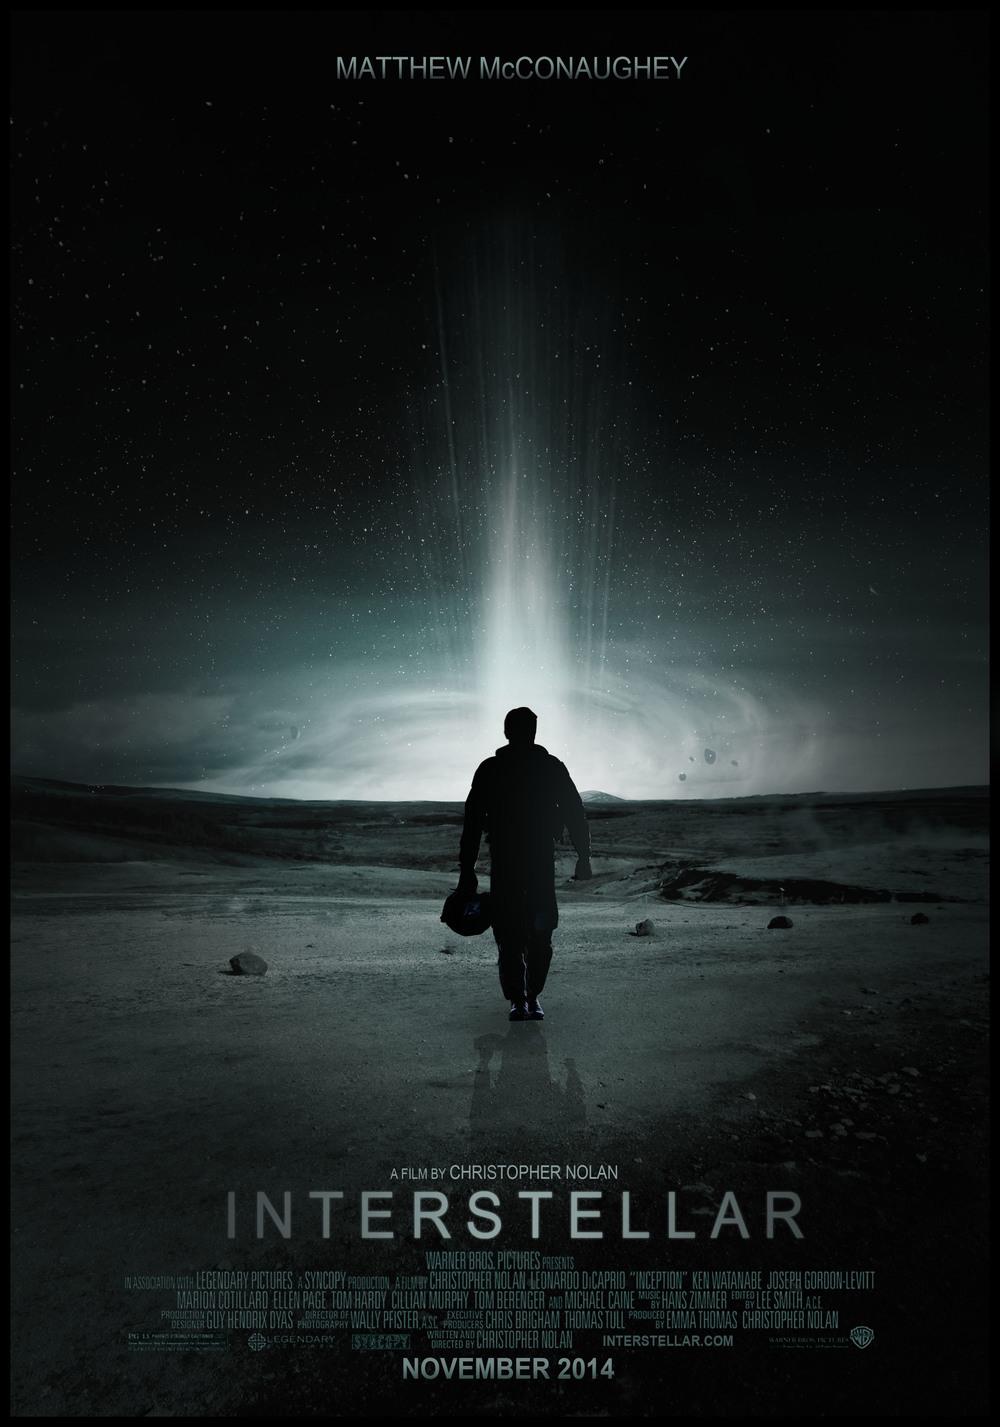 interstellar-photos-pictures-stills